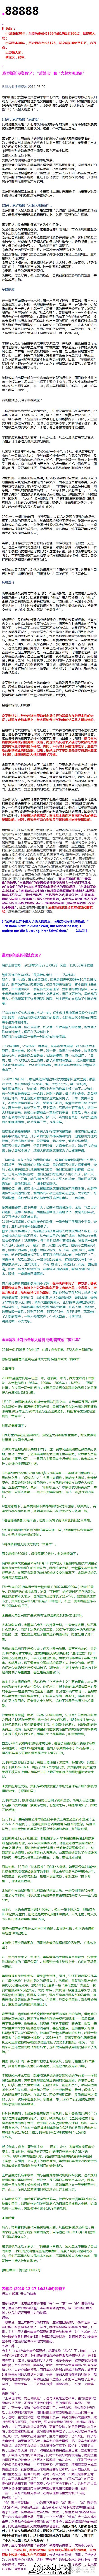 云脉访客管理系统升级企业访客管理 - 邓州门户网 邓州网 - 32225669_201905221518230213939885.png